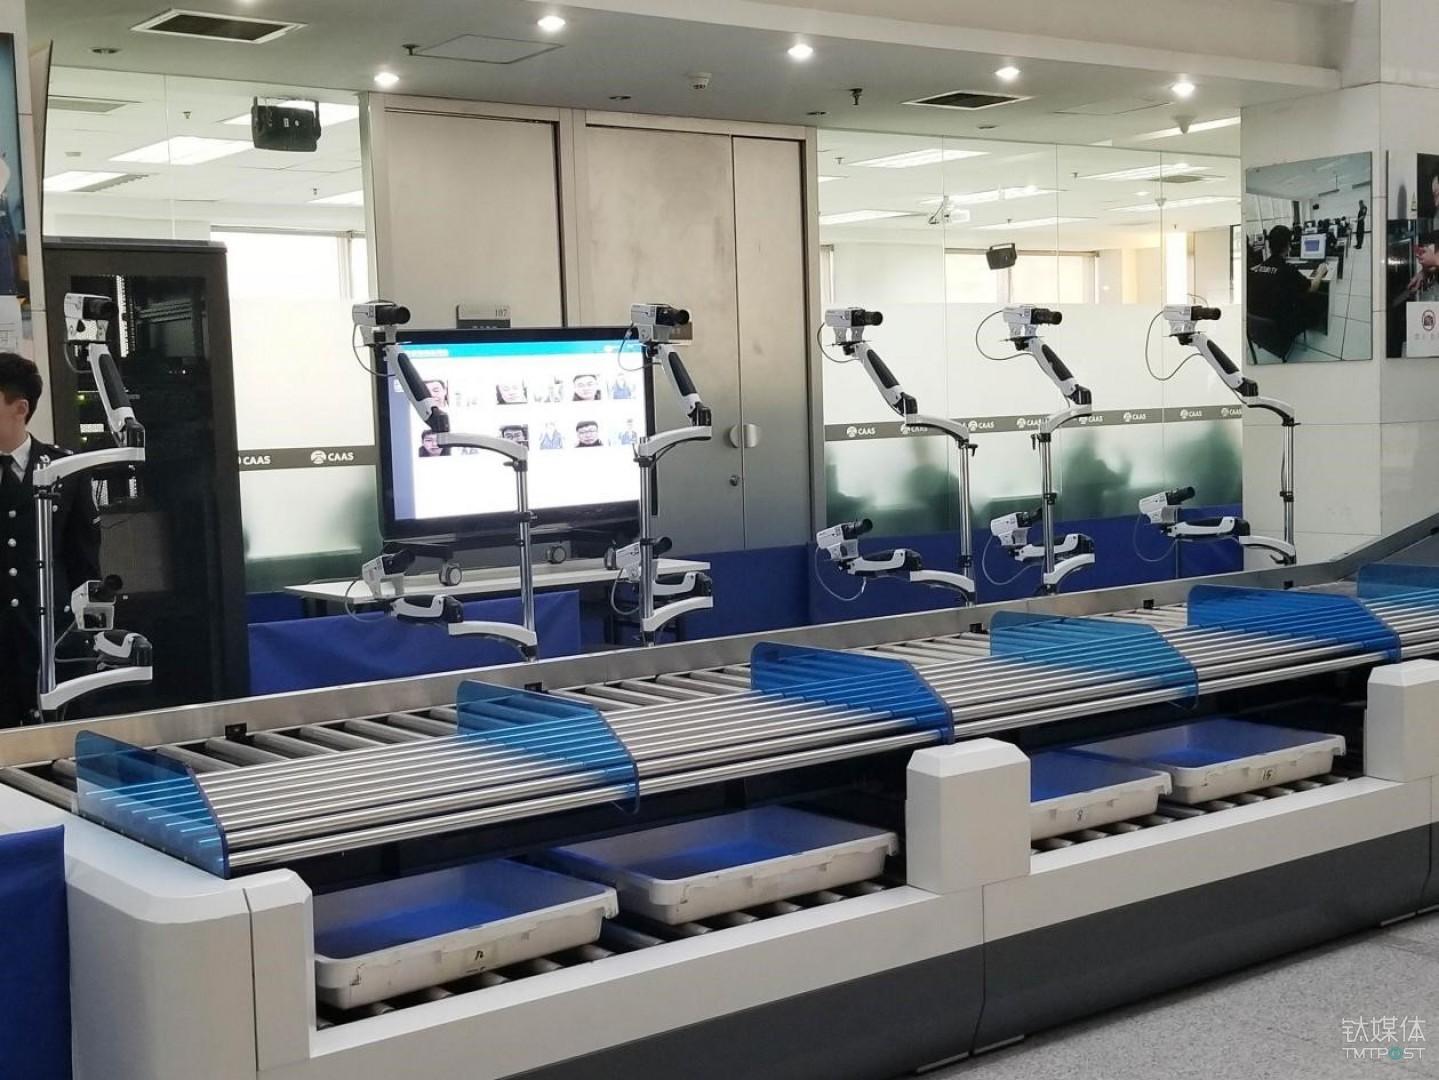 机场安检也有黑科技,可免除很多出行烦恼